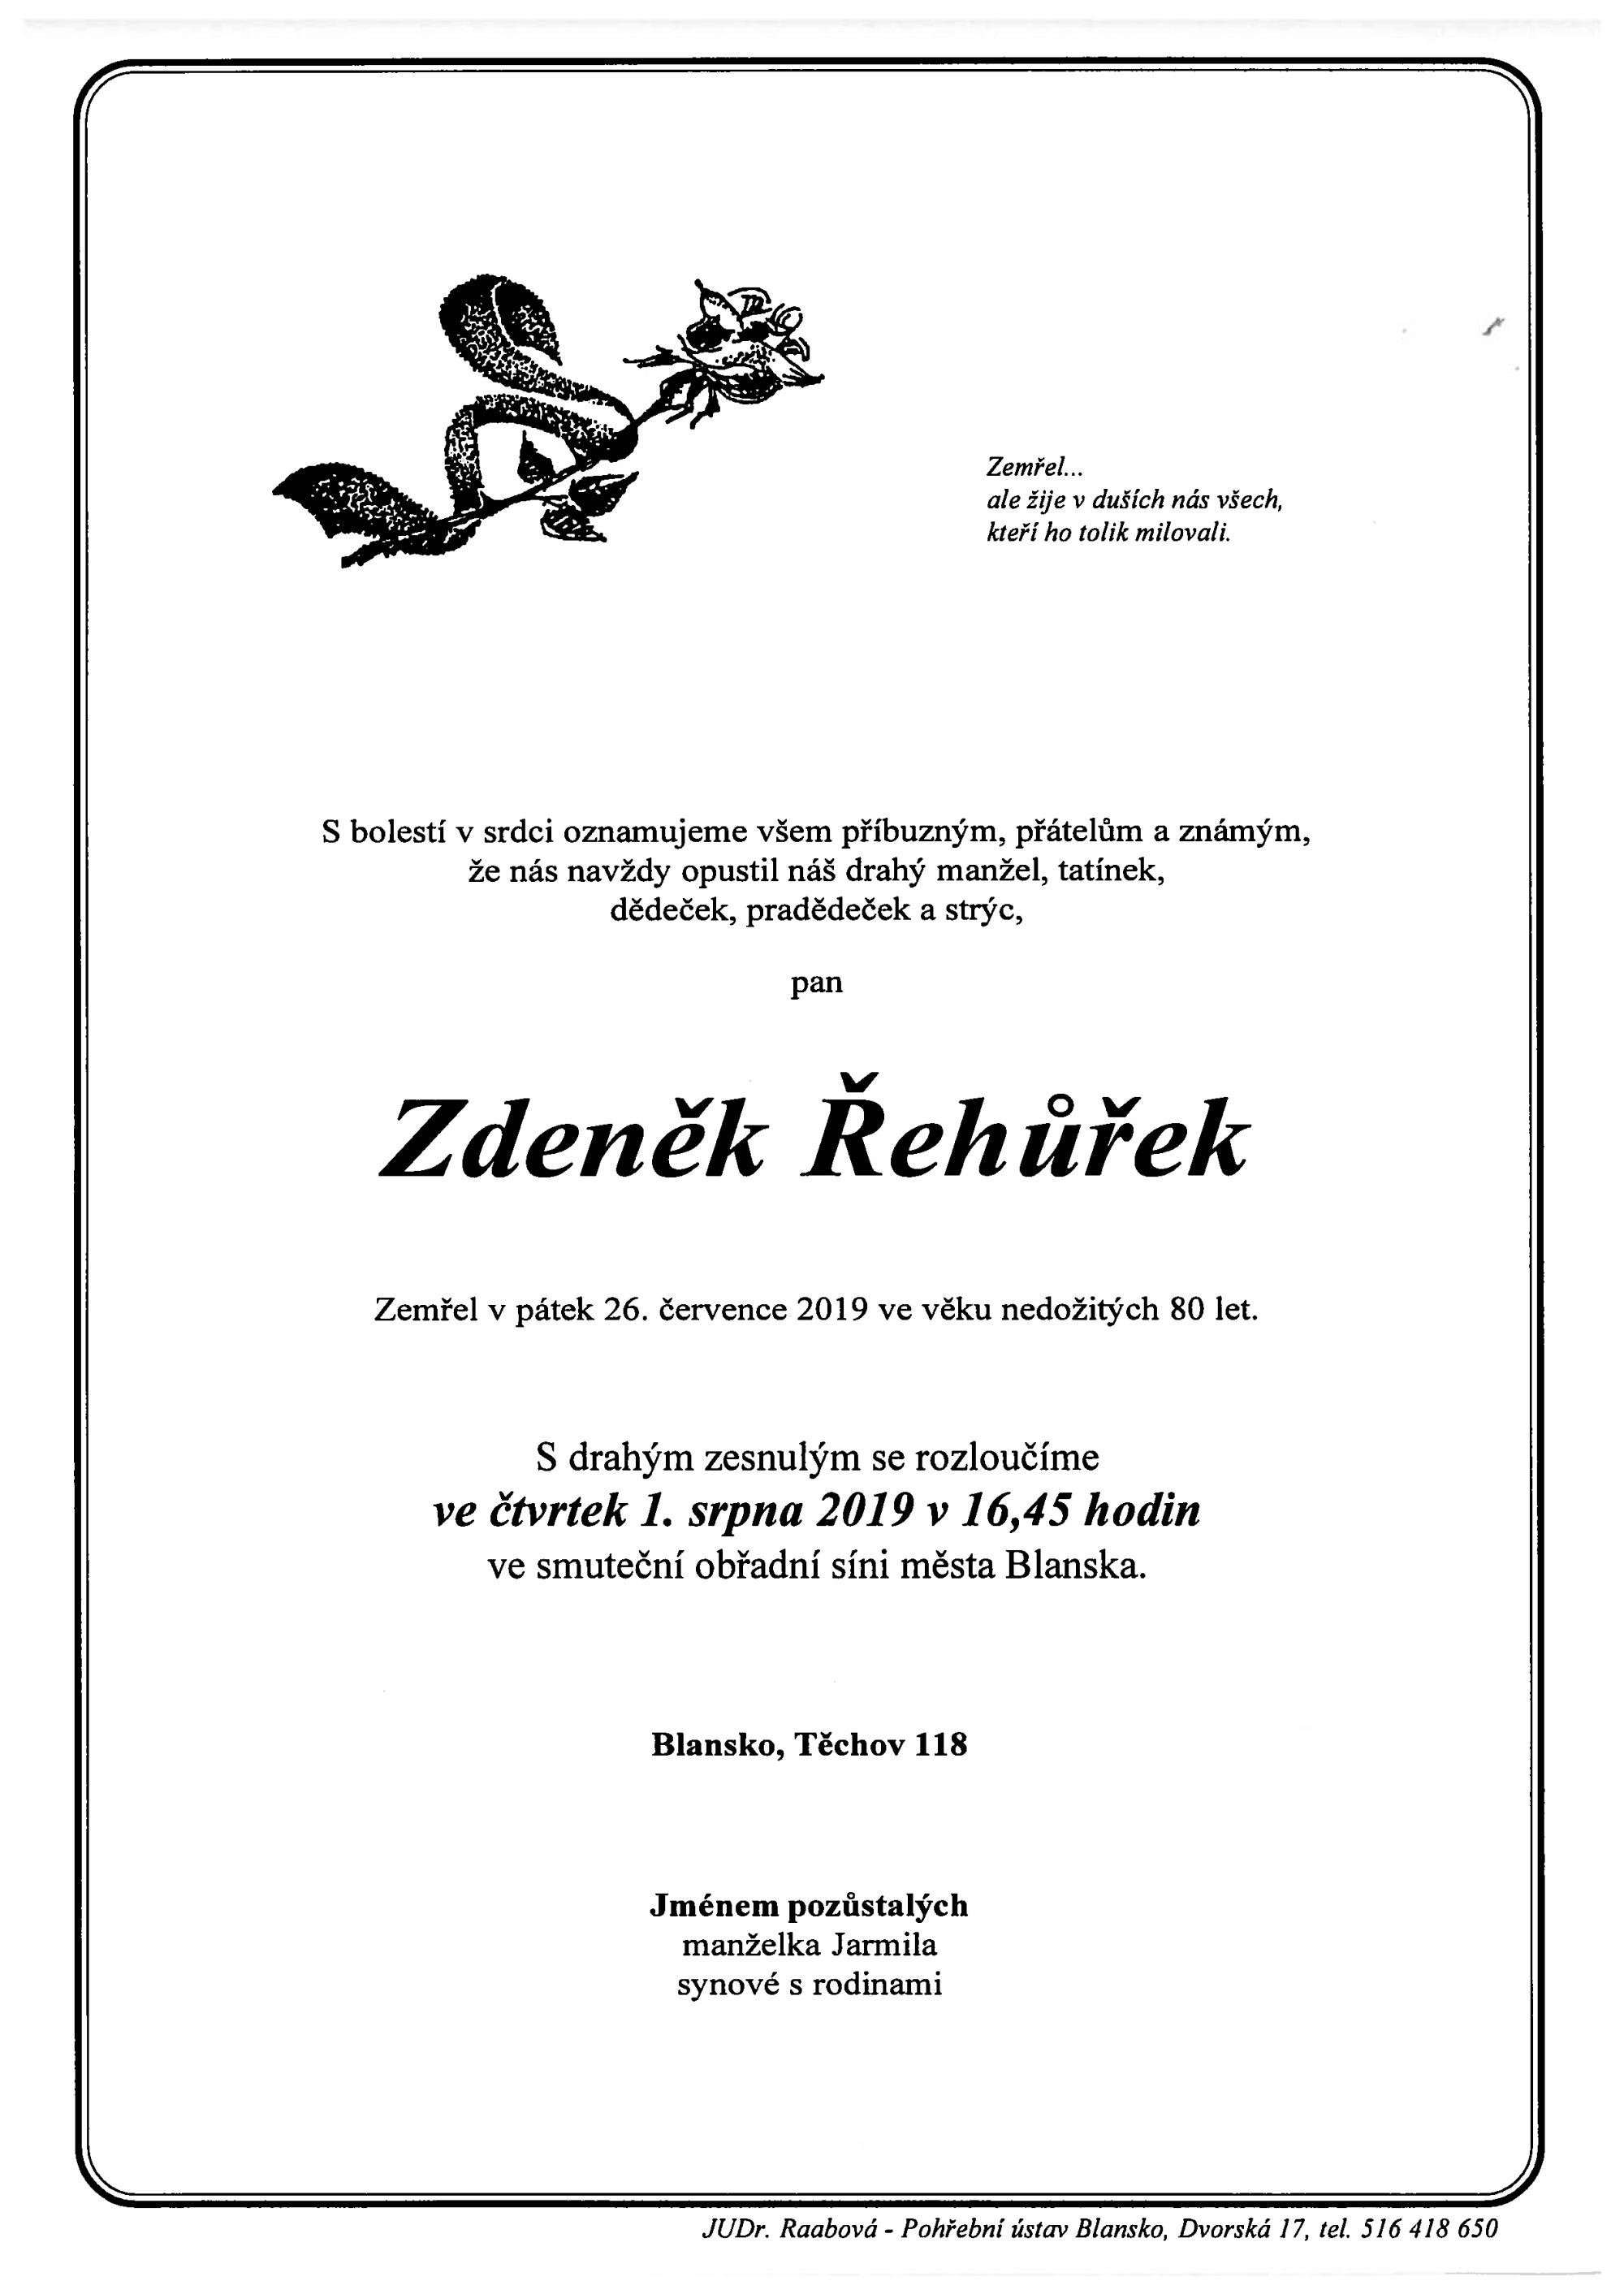 Zdeněk Řehůřek